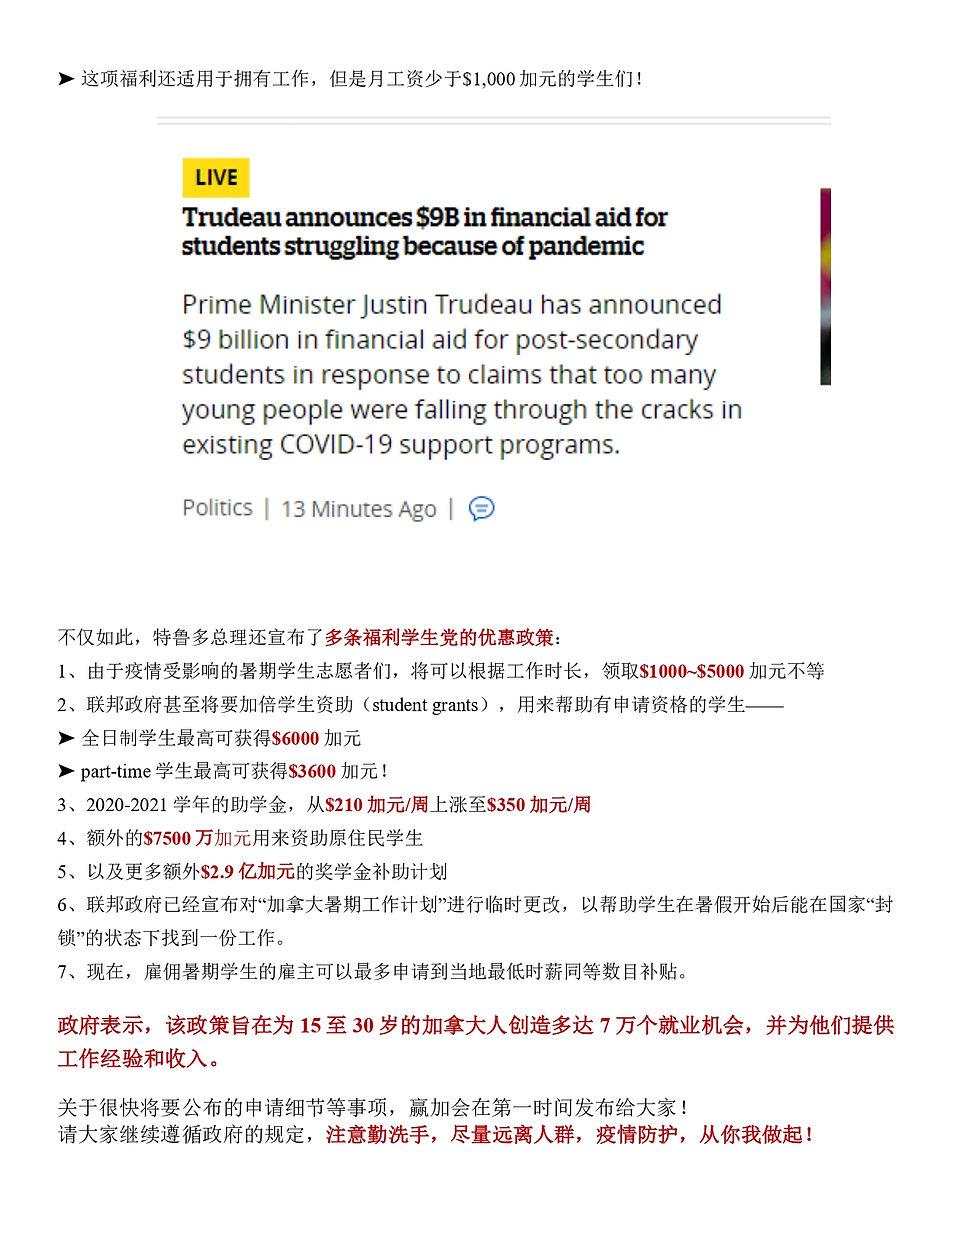 学生党每月可领取1250加元_page-0002.jpg